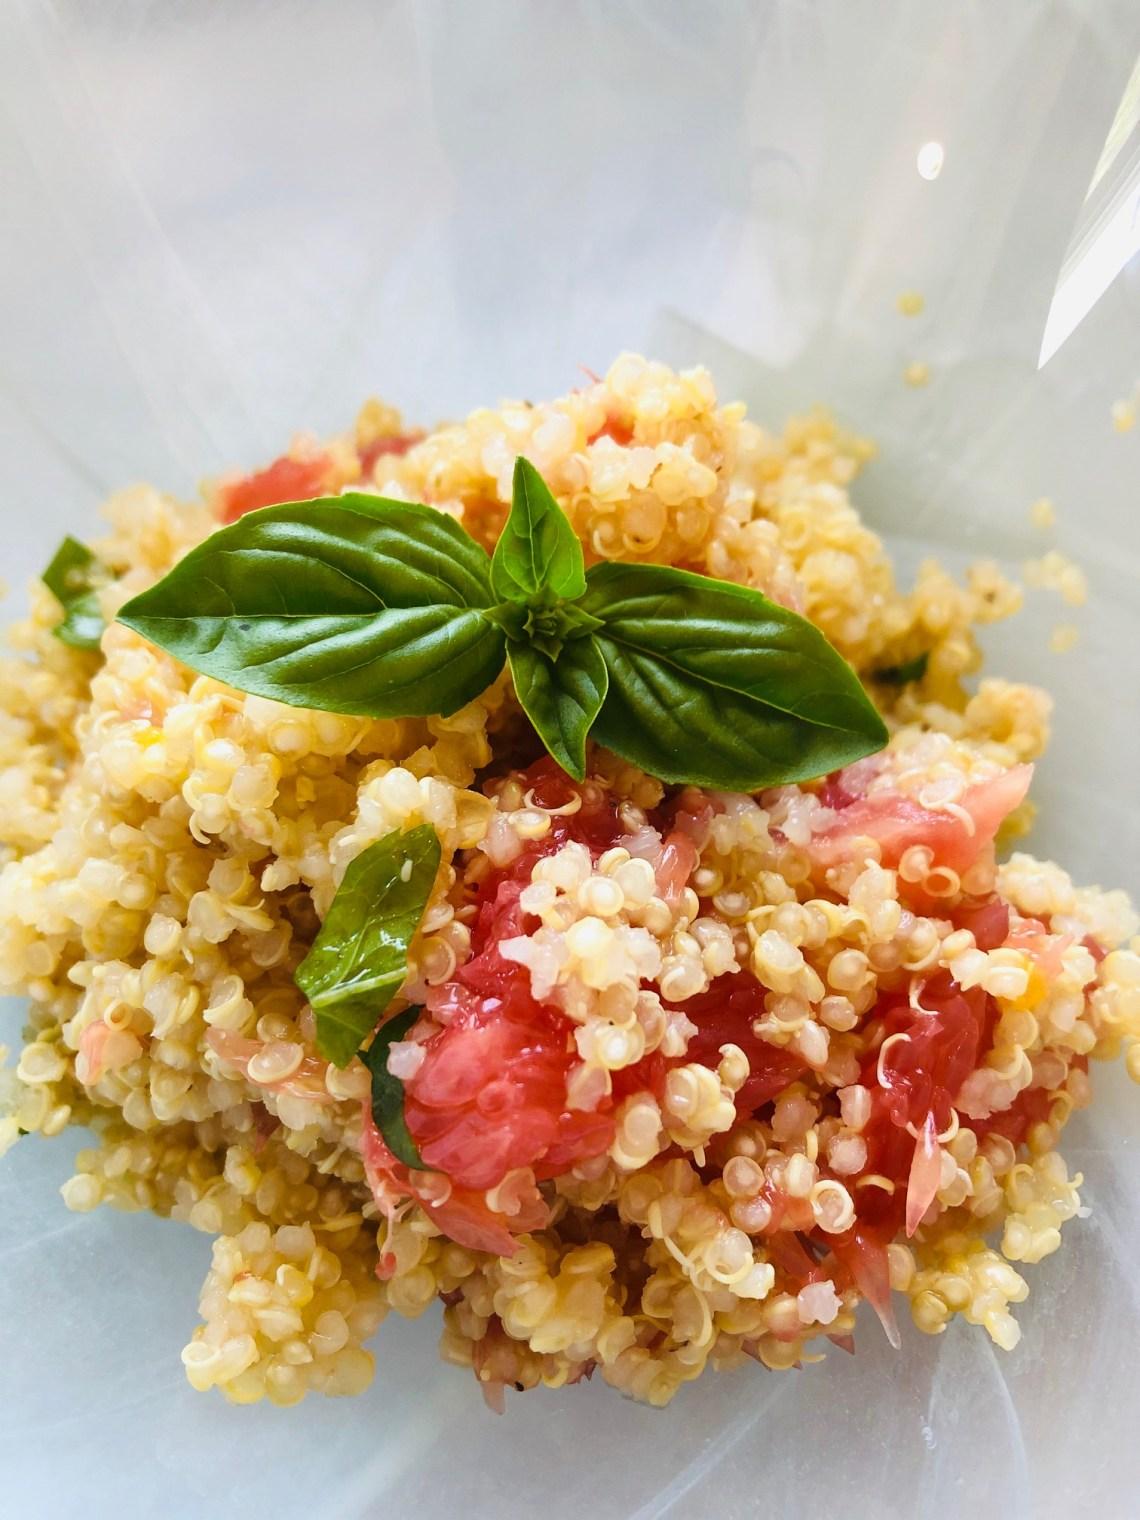 #recettesfamille #recettesansnoix #recettesansarachide #recettequinoa #saladequinoa #saladequinoaagrumes #saladefroide #rapascanicule